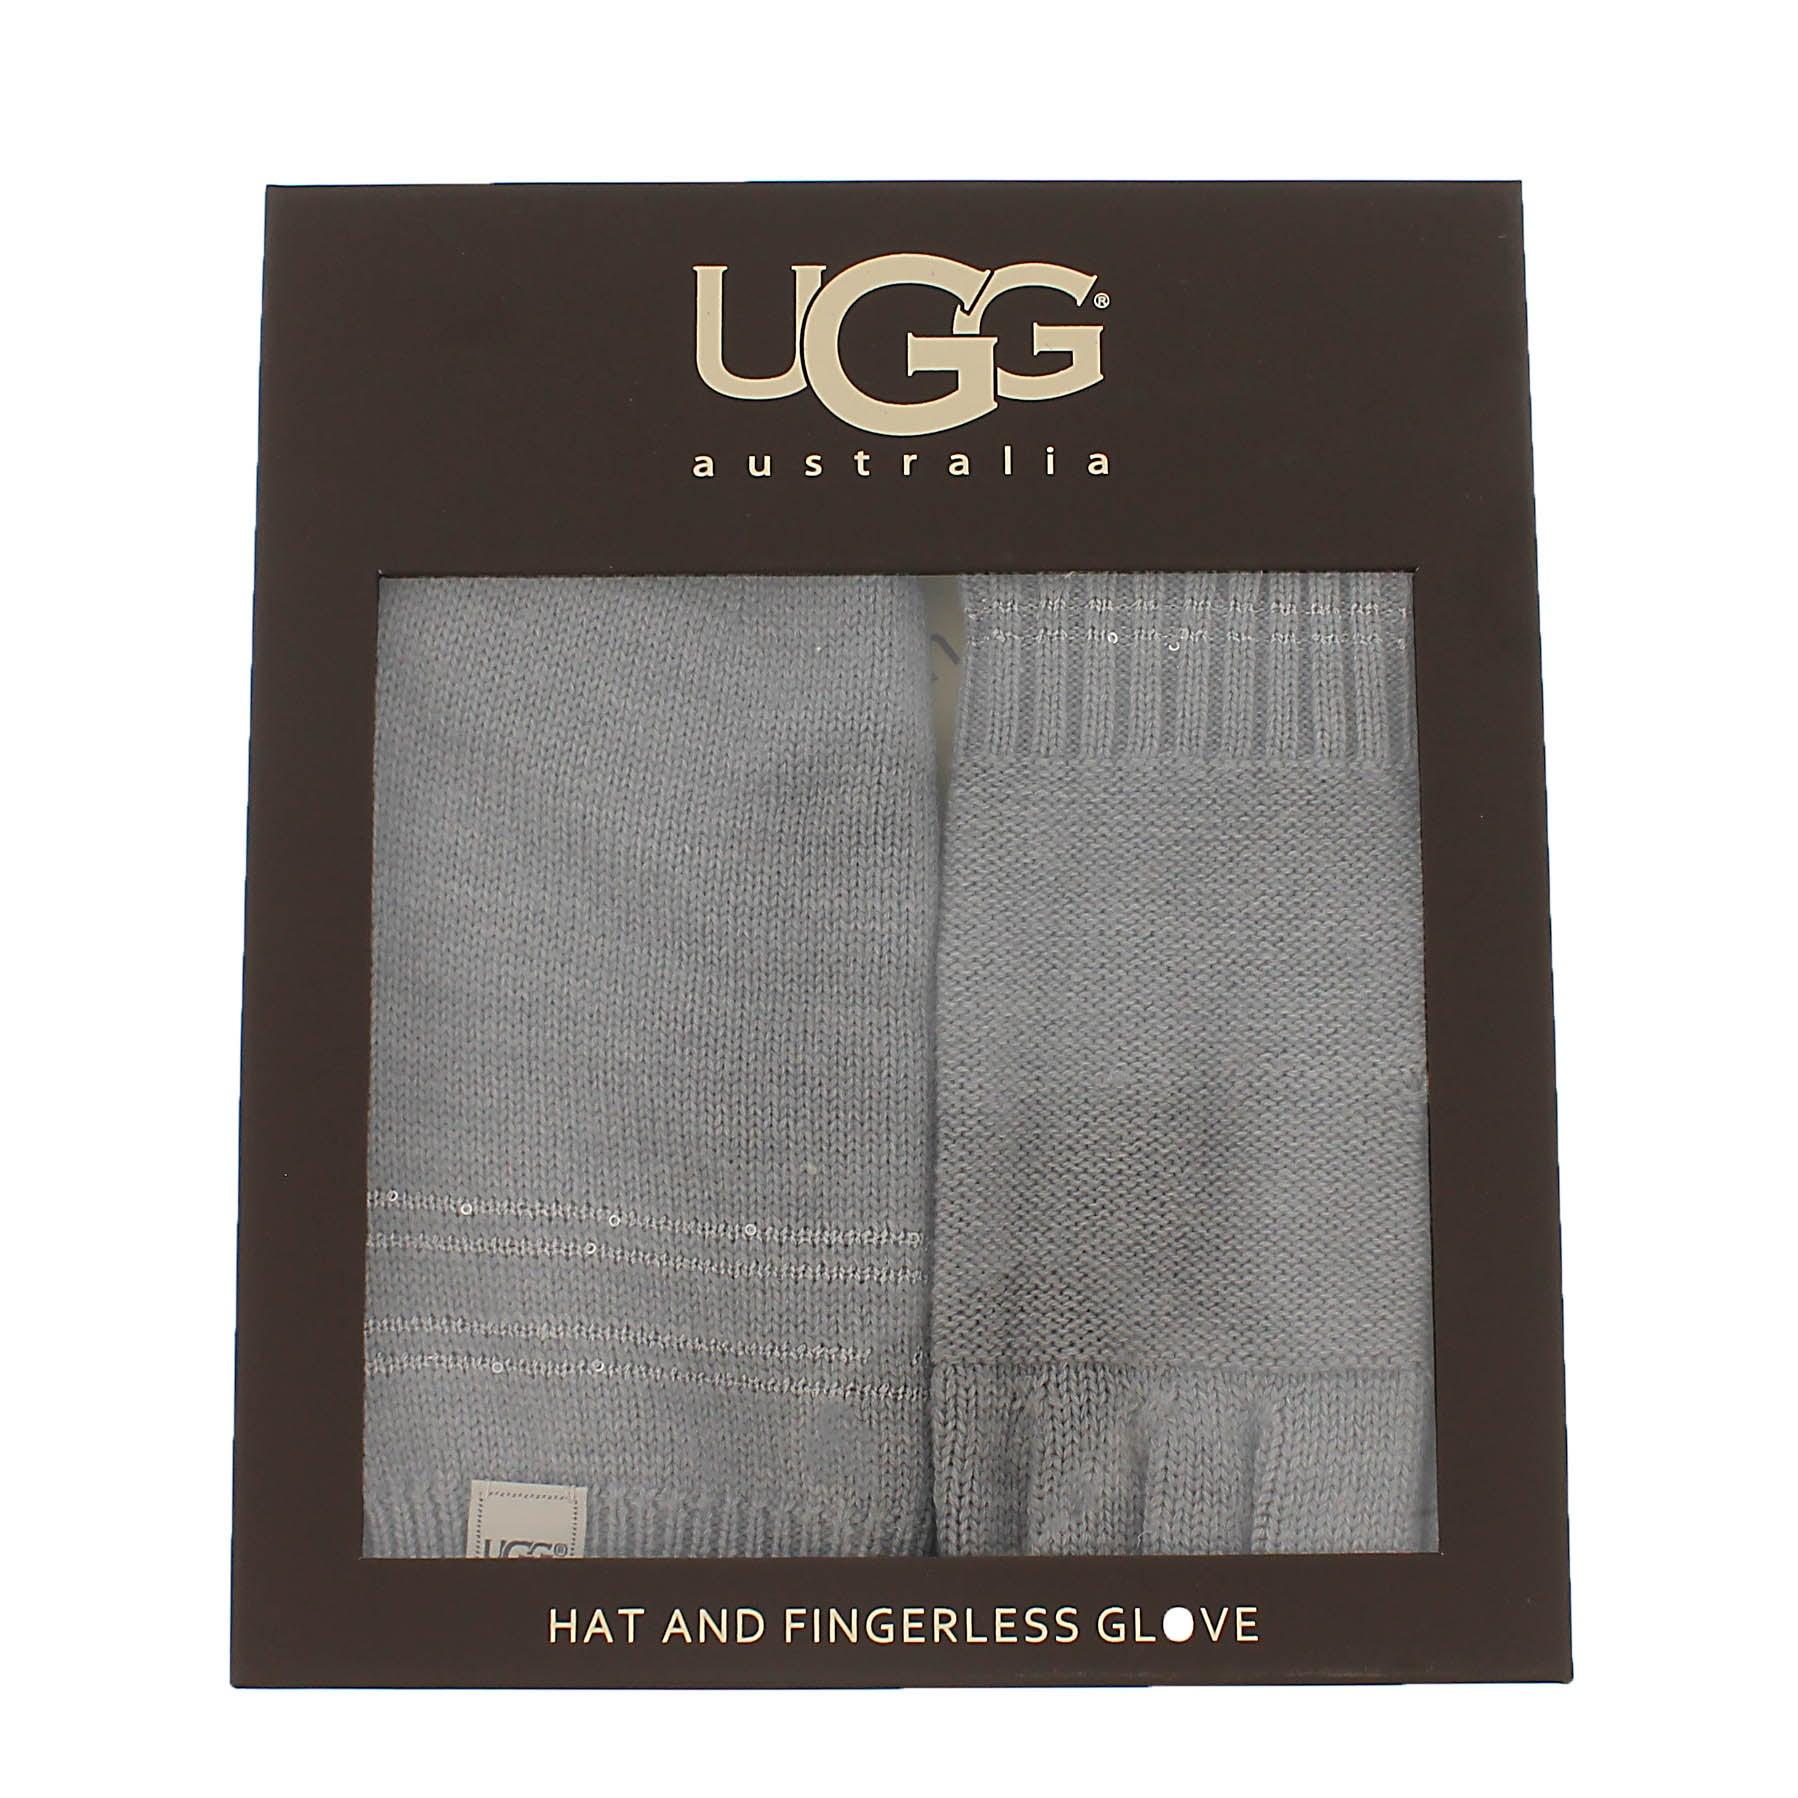 Lds hat & glove box set- grey heather